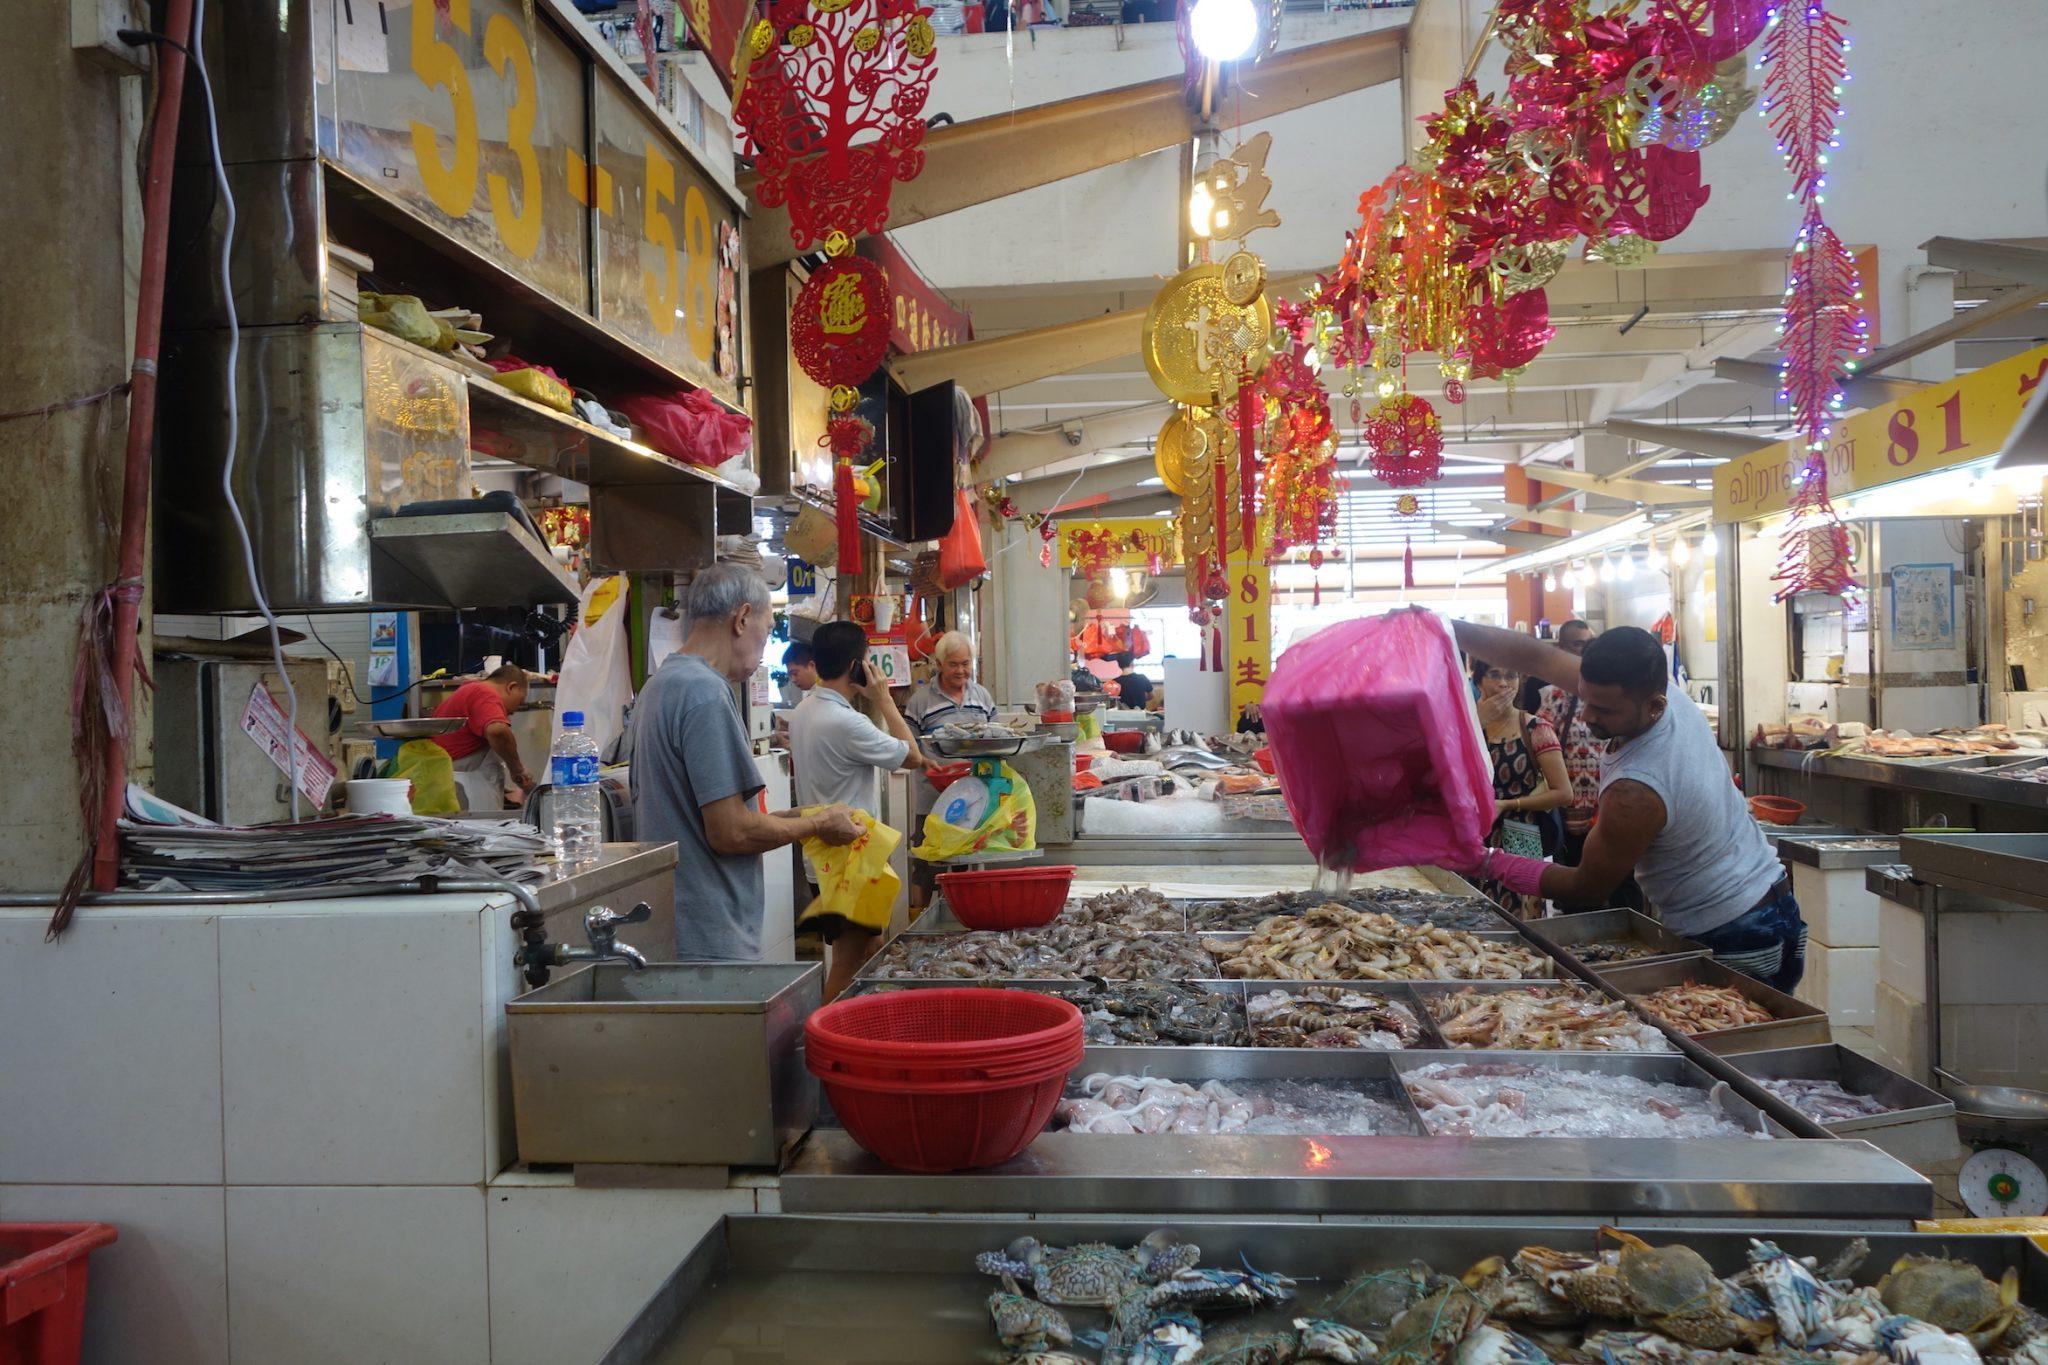 Singapur_LittleIndia_Fischmarkt